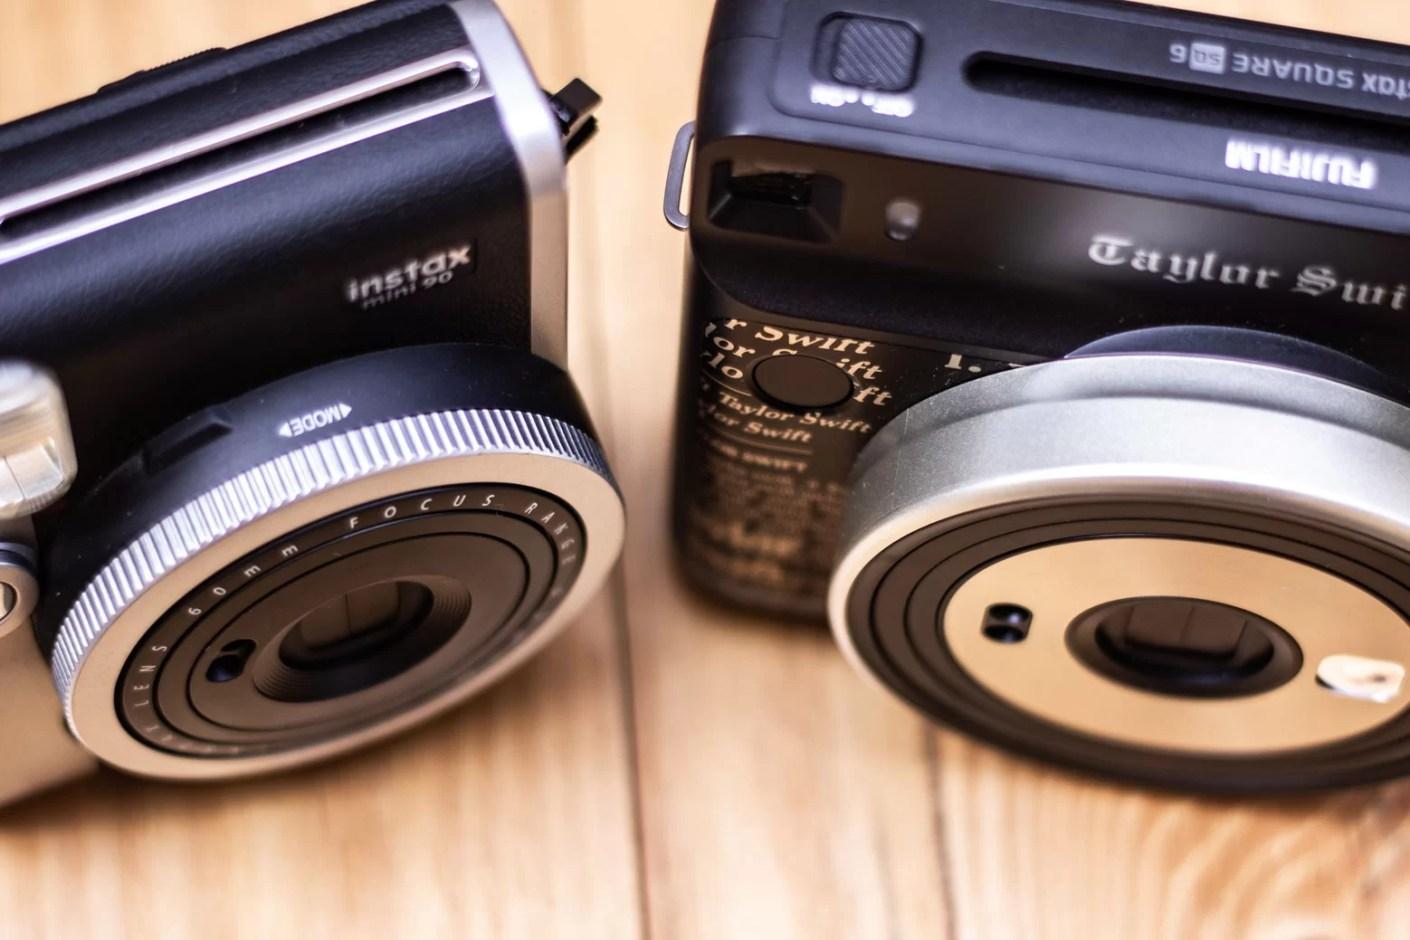 As duas câmeras Instax da FujiFilm